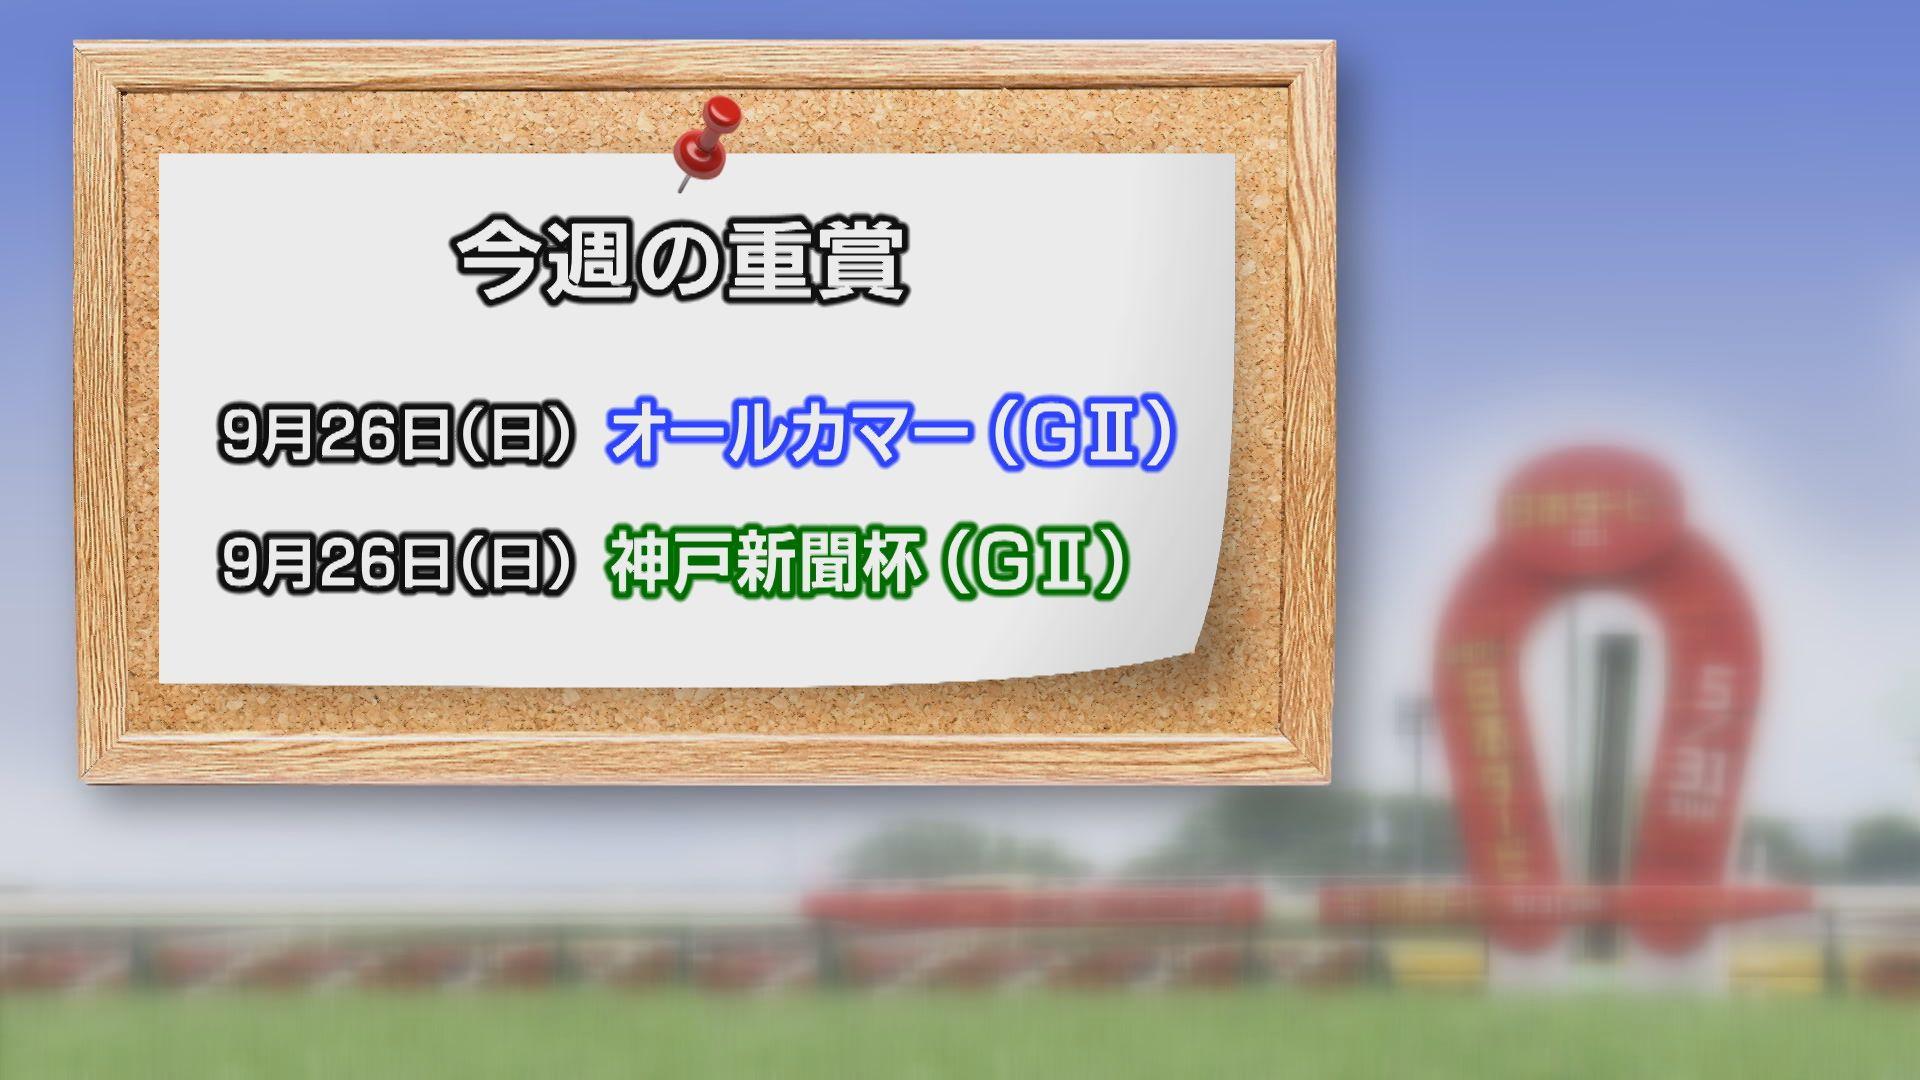 【今週の重賞インフォメーション】オールカマー他 9/26(日)